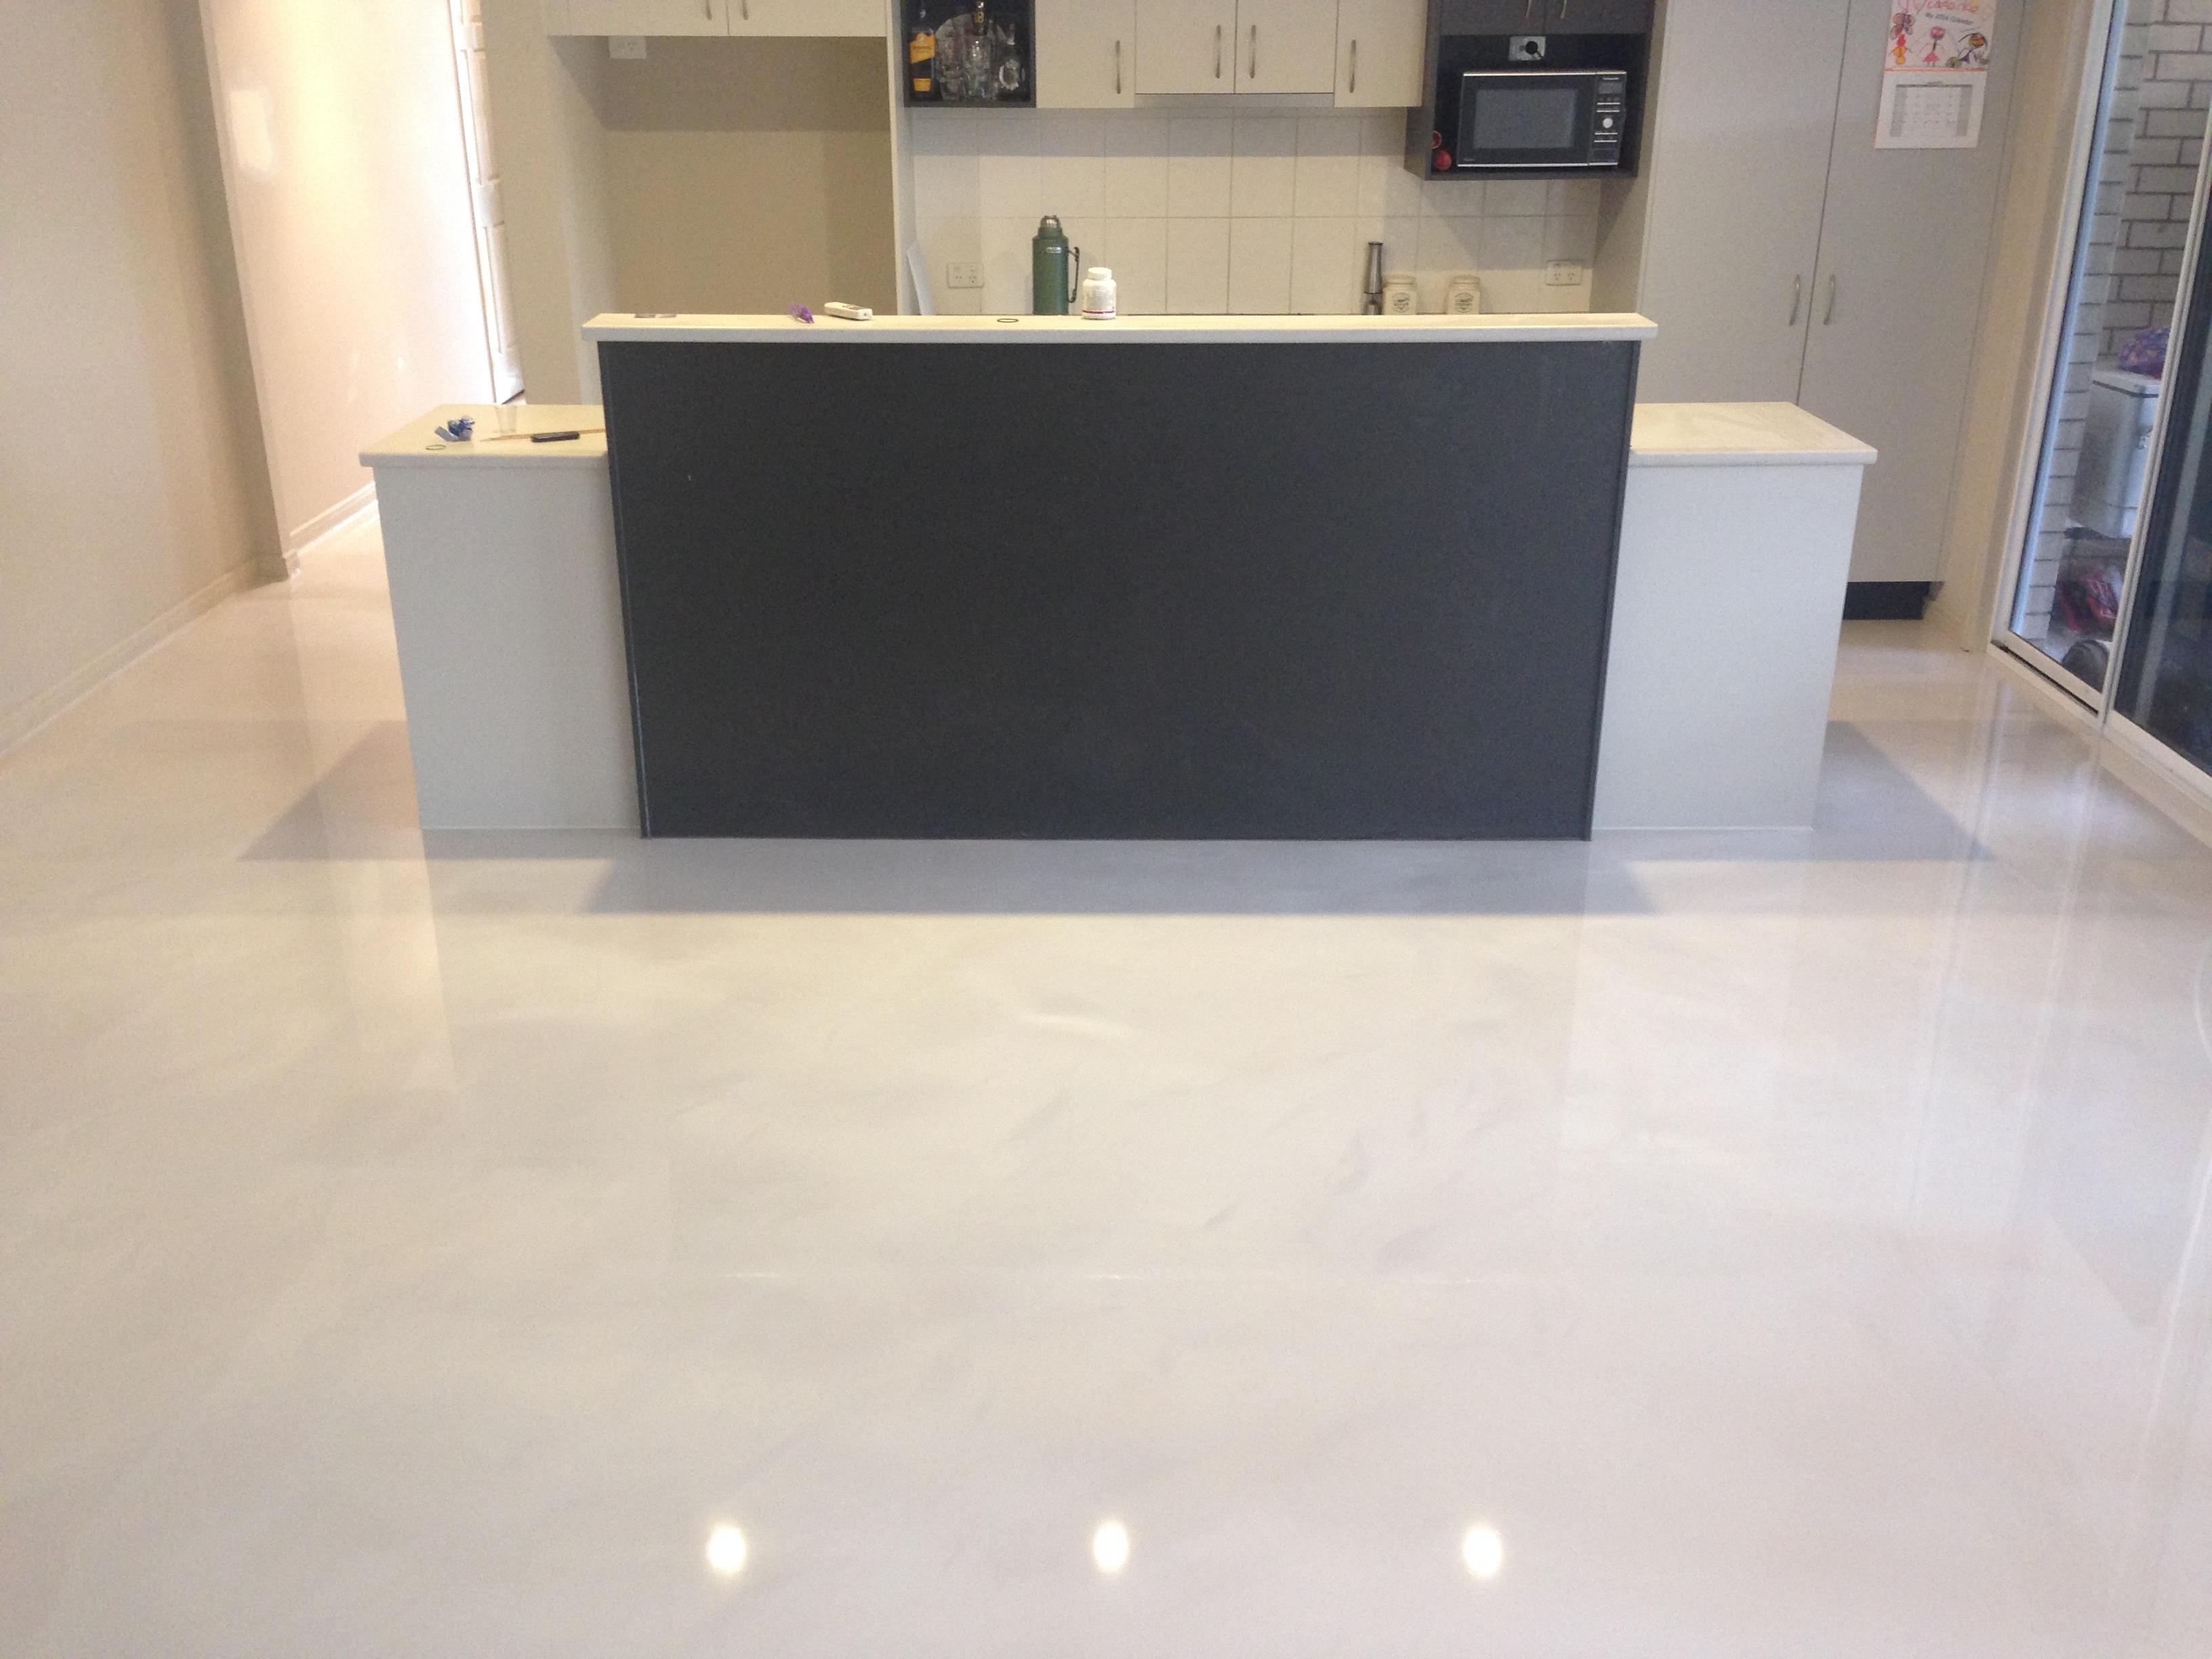 Epoxy School - Epoxy flooring examples - decorative resin ...